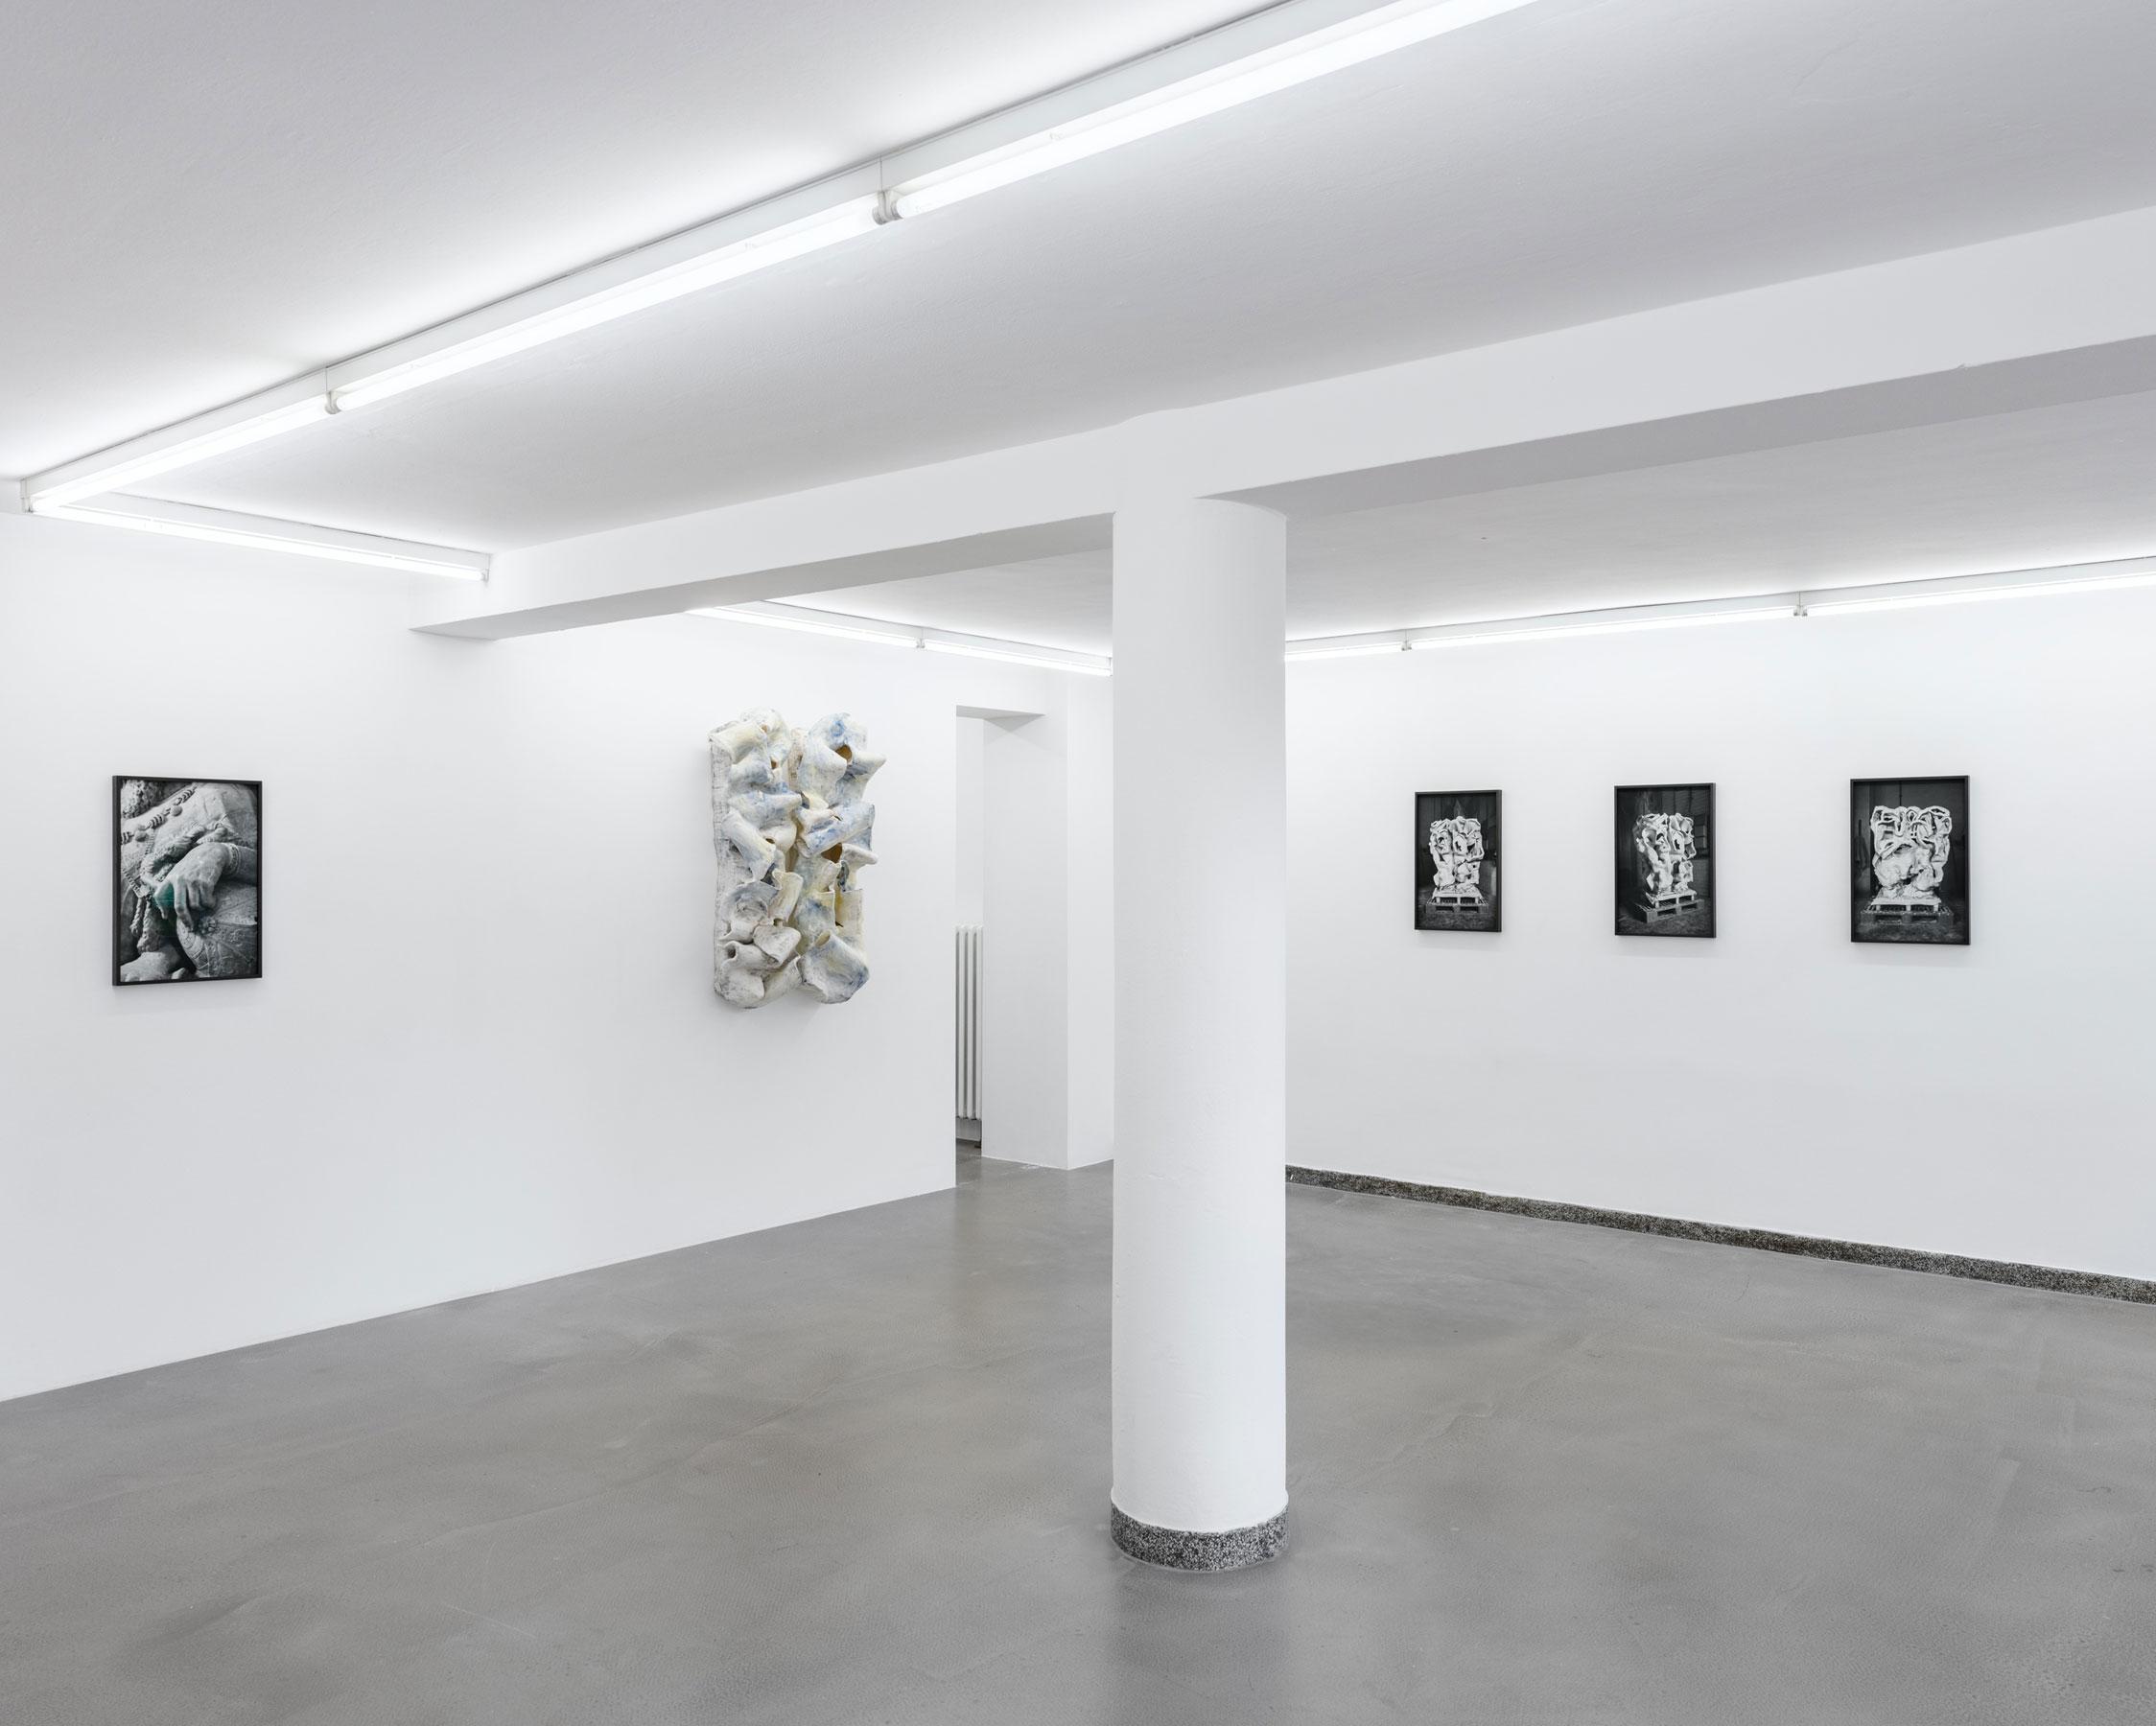 von-allen-seiten_Karweick_Moritz_installation-view_2021_08